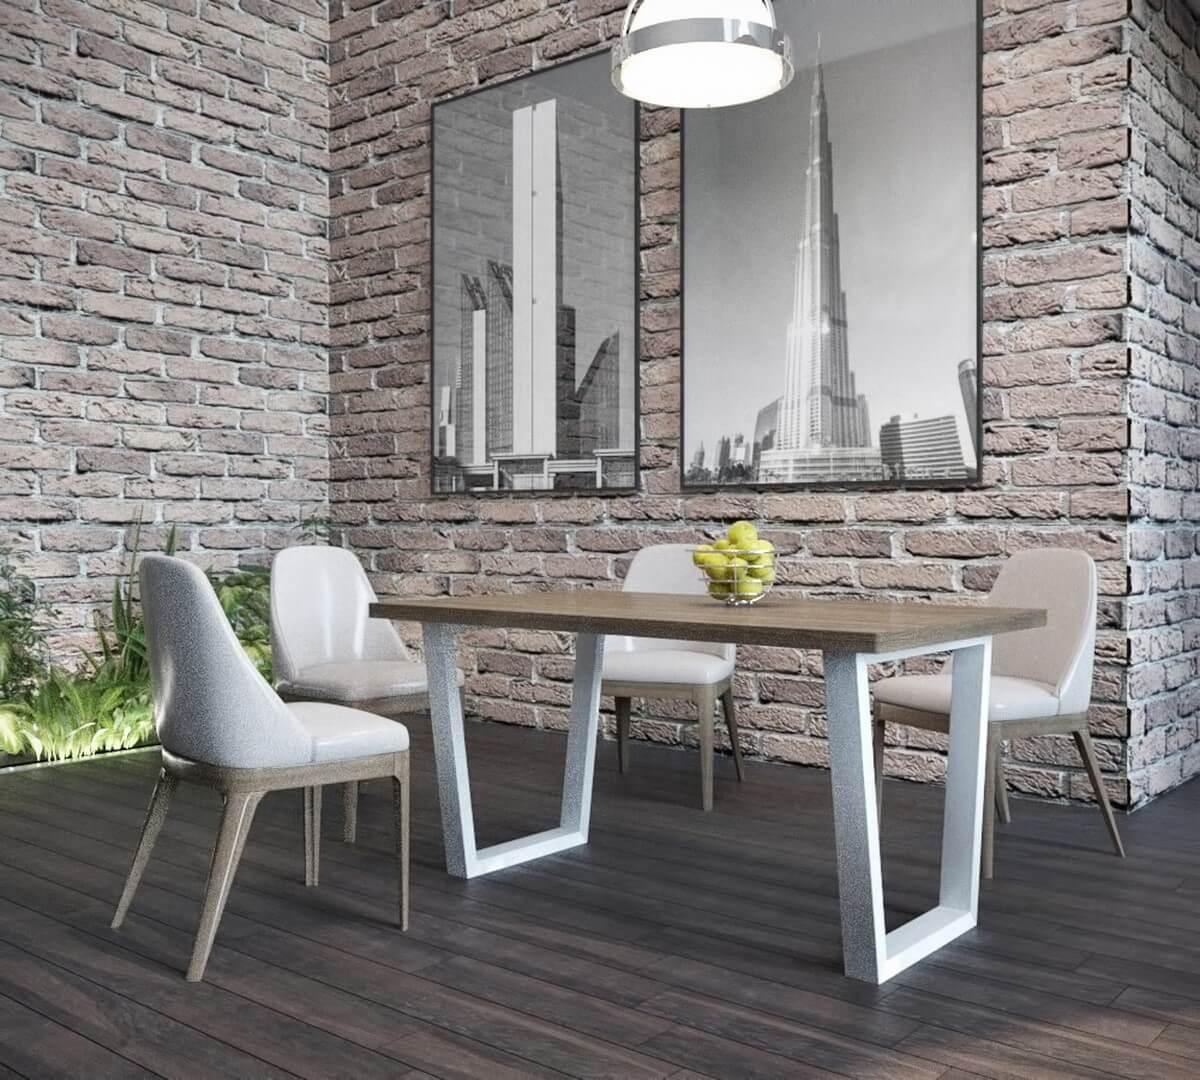 Стильний і сучасний обідній стіл метал+дерево в стилі loft Бінго Метал-Дизайн 1,2 м.